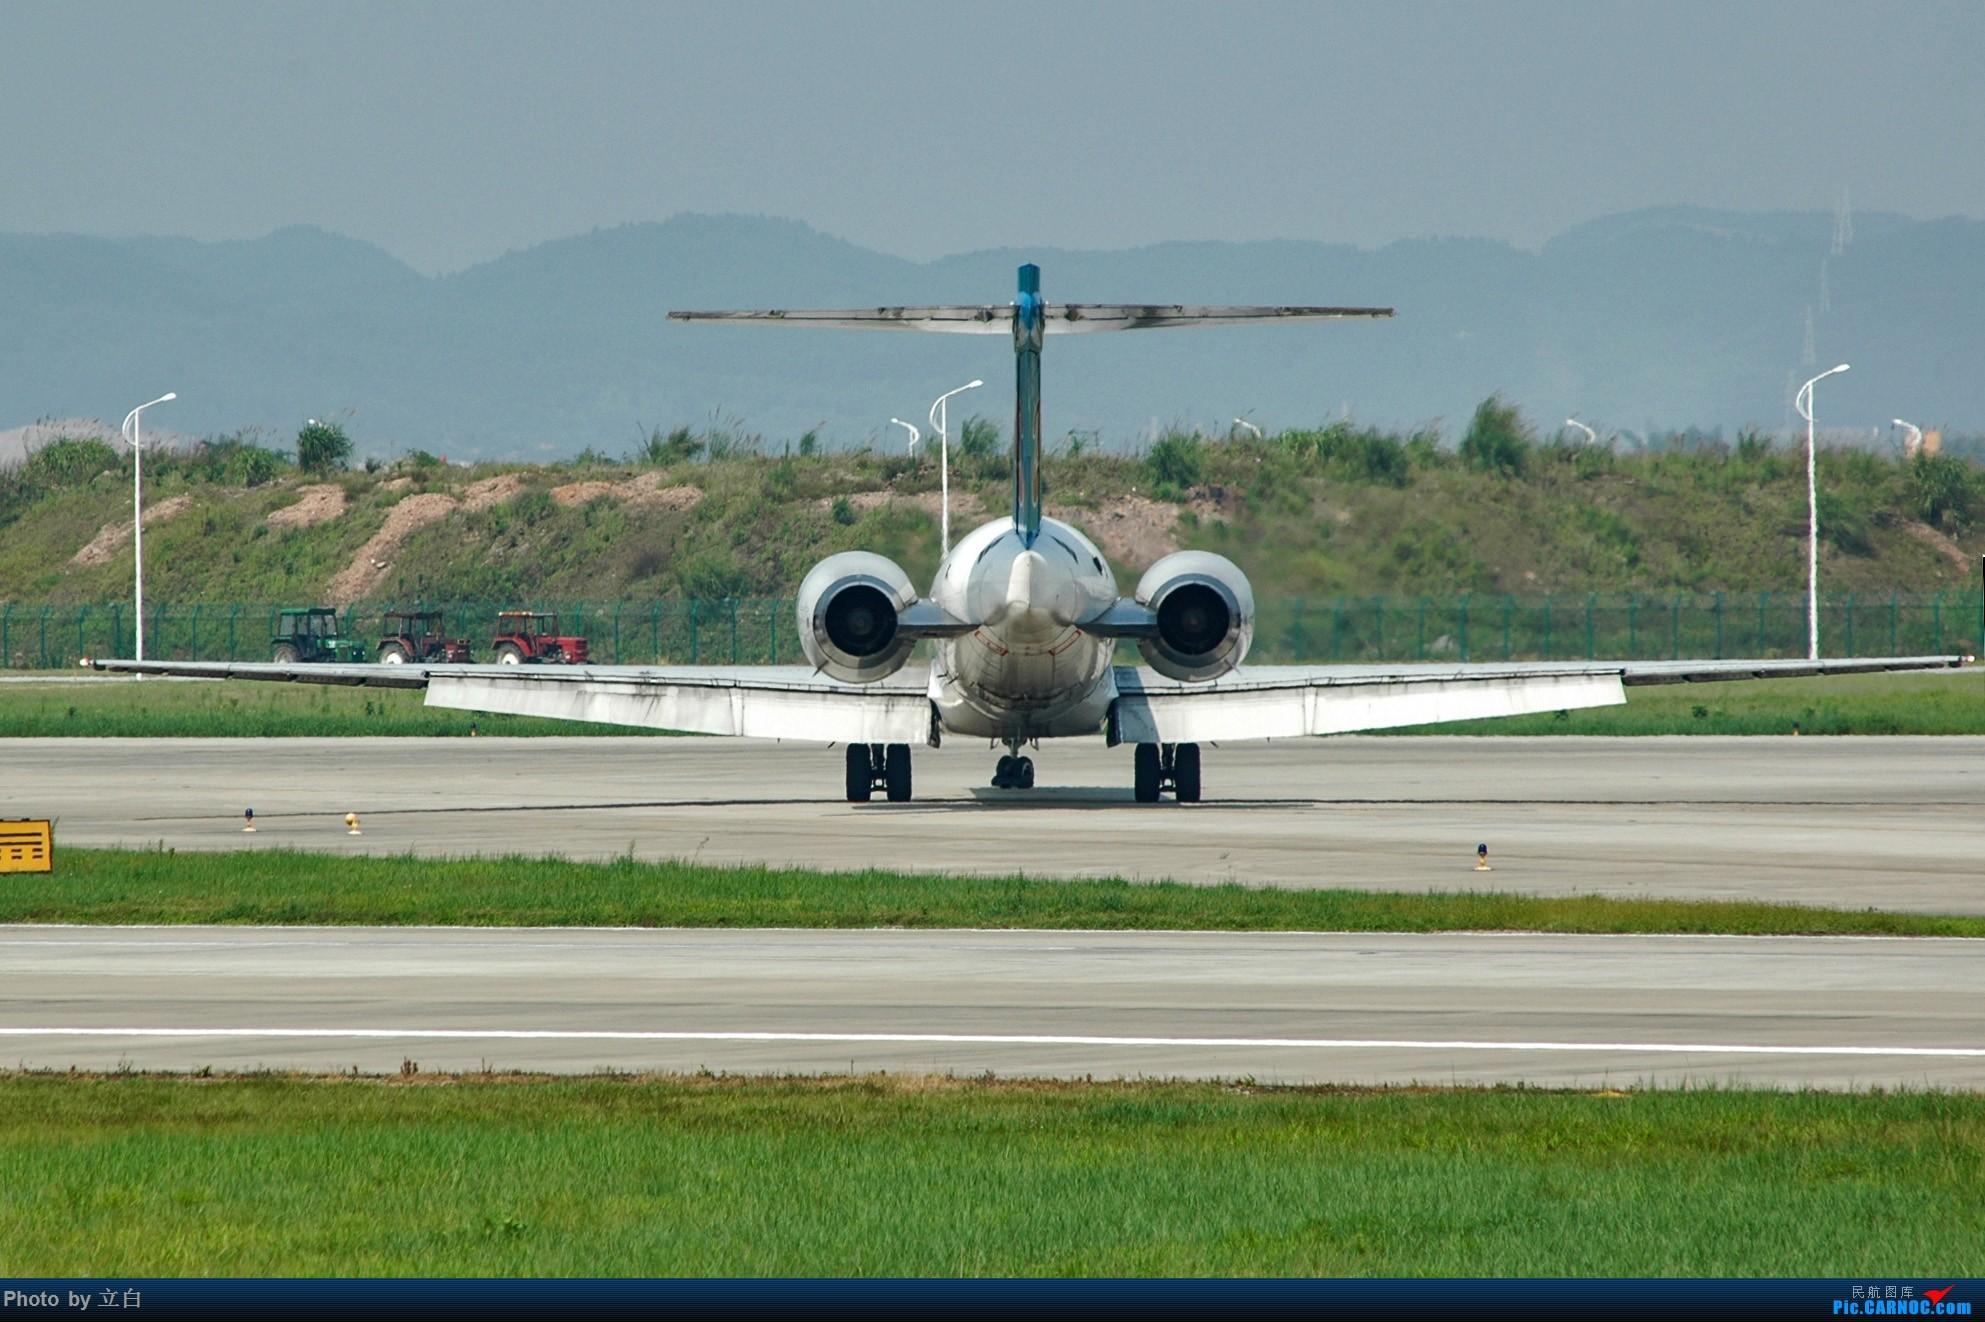 Re:[原创]以前拍的烂片,但也算是历史的记忆 MD MD-90-30 B-2251 中国广州白云国际机场